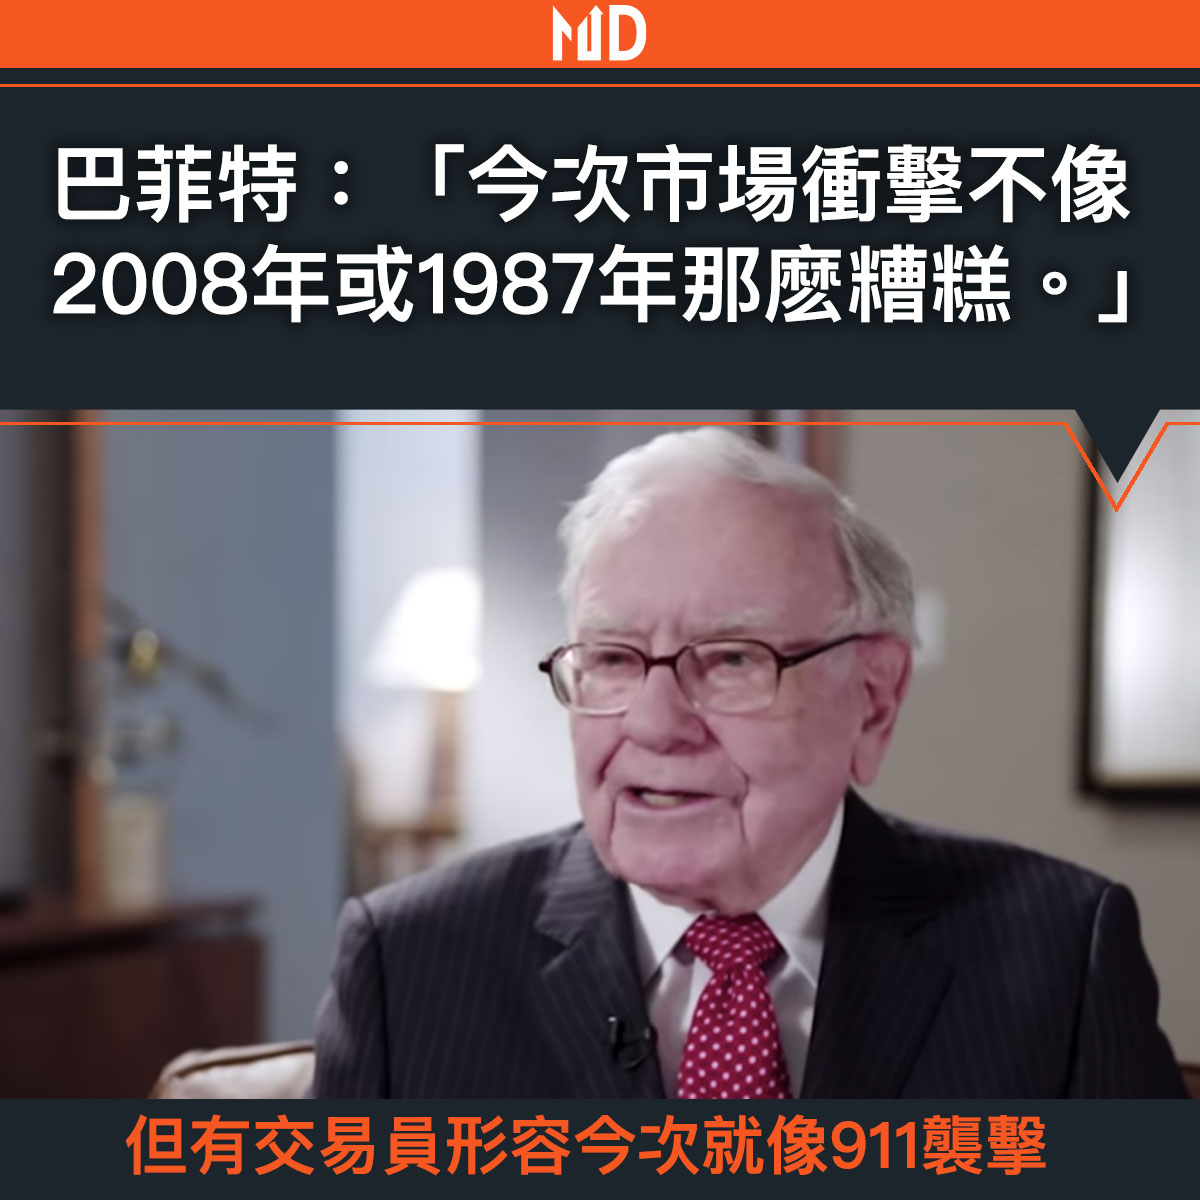 【市場熱話】巴菲特:「今次市場衝擊不像2008年或1987年那麽糟糕。」